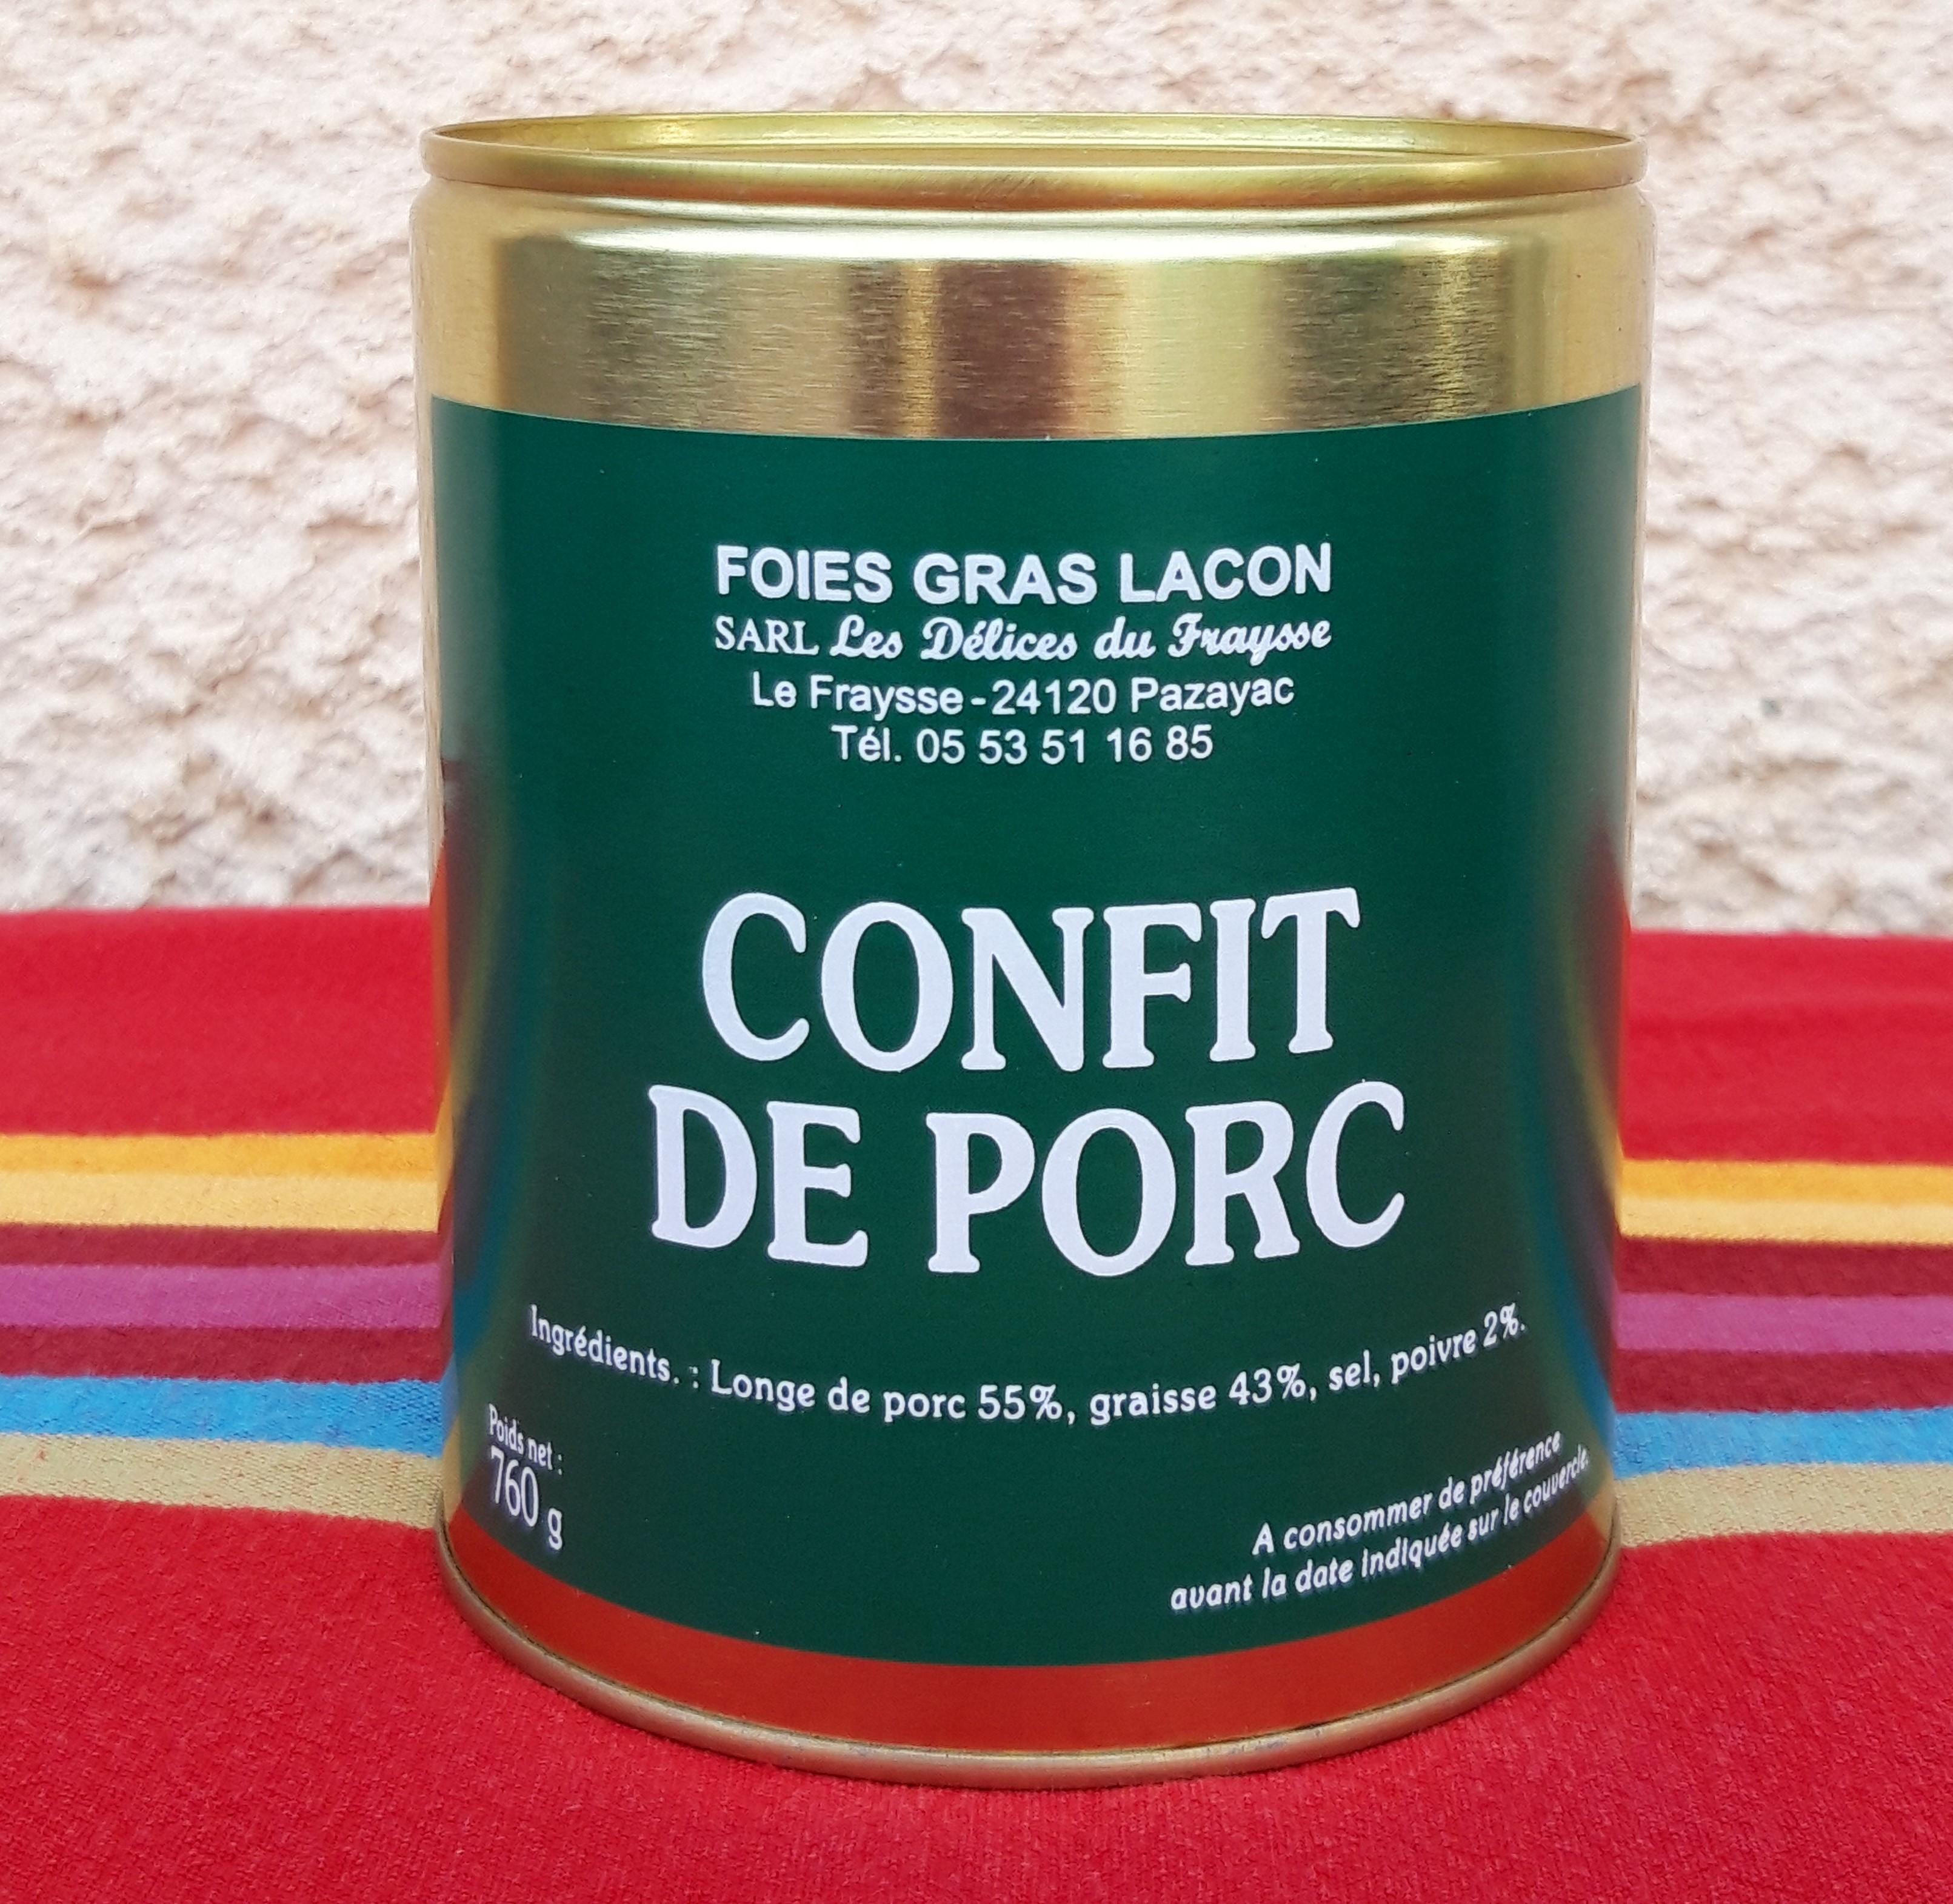 Confit de porc (anchaud)